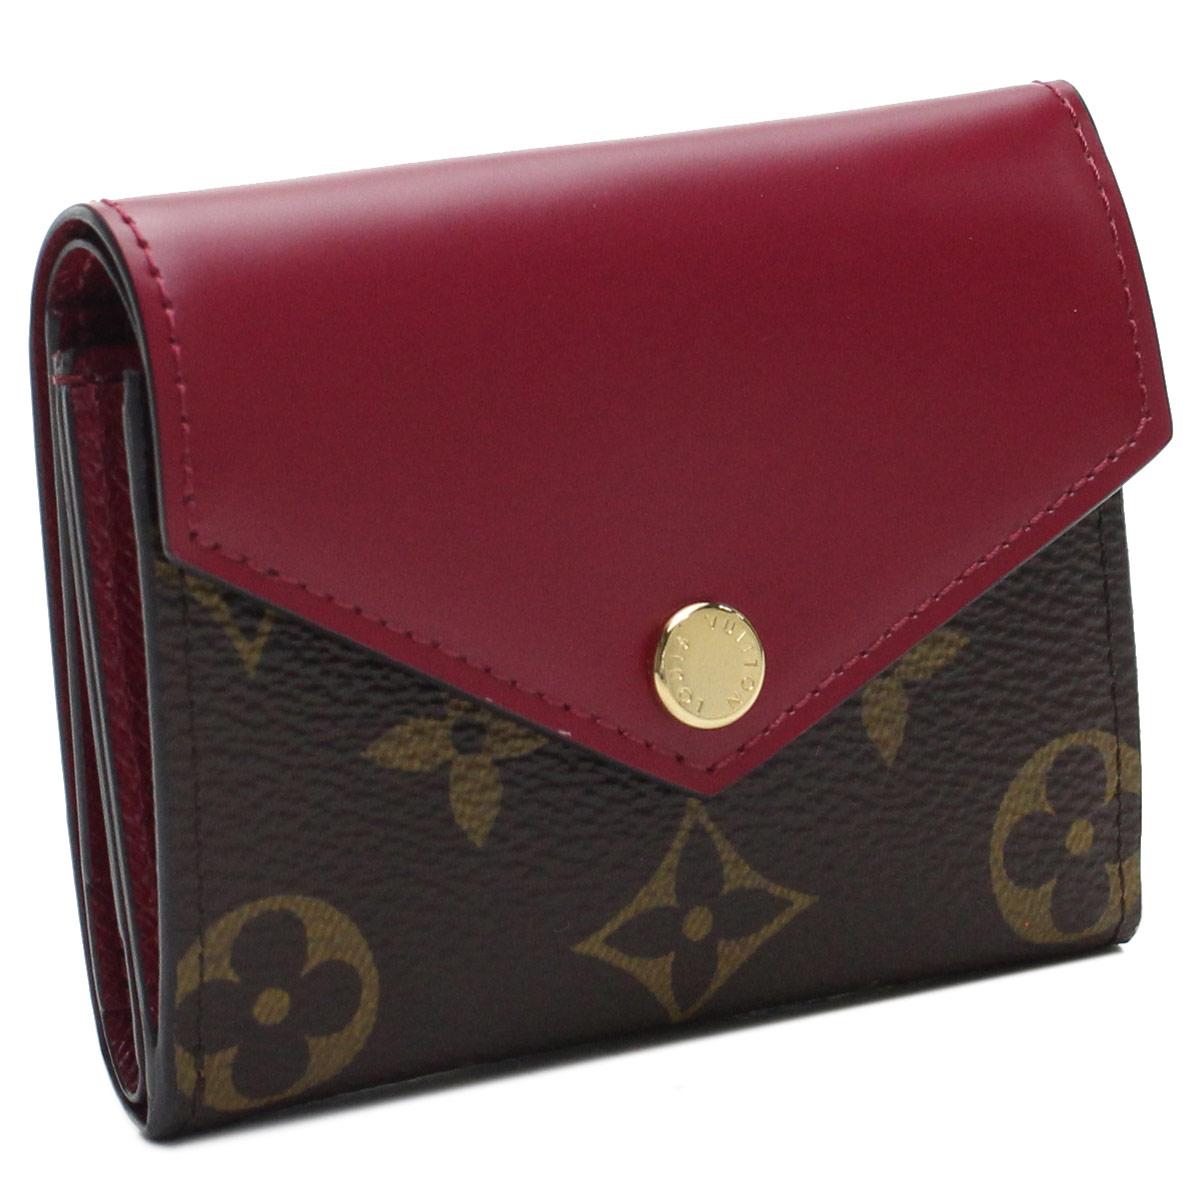 ルイ ヴィトン LOUIS VUITTON モノグラム コンパクト財布 3つ折り財布 ミニ財布 M62932 モノグラム ブラウン系  レディース